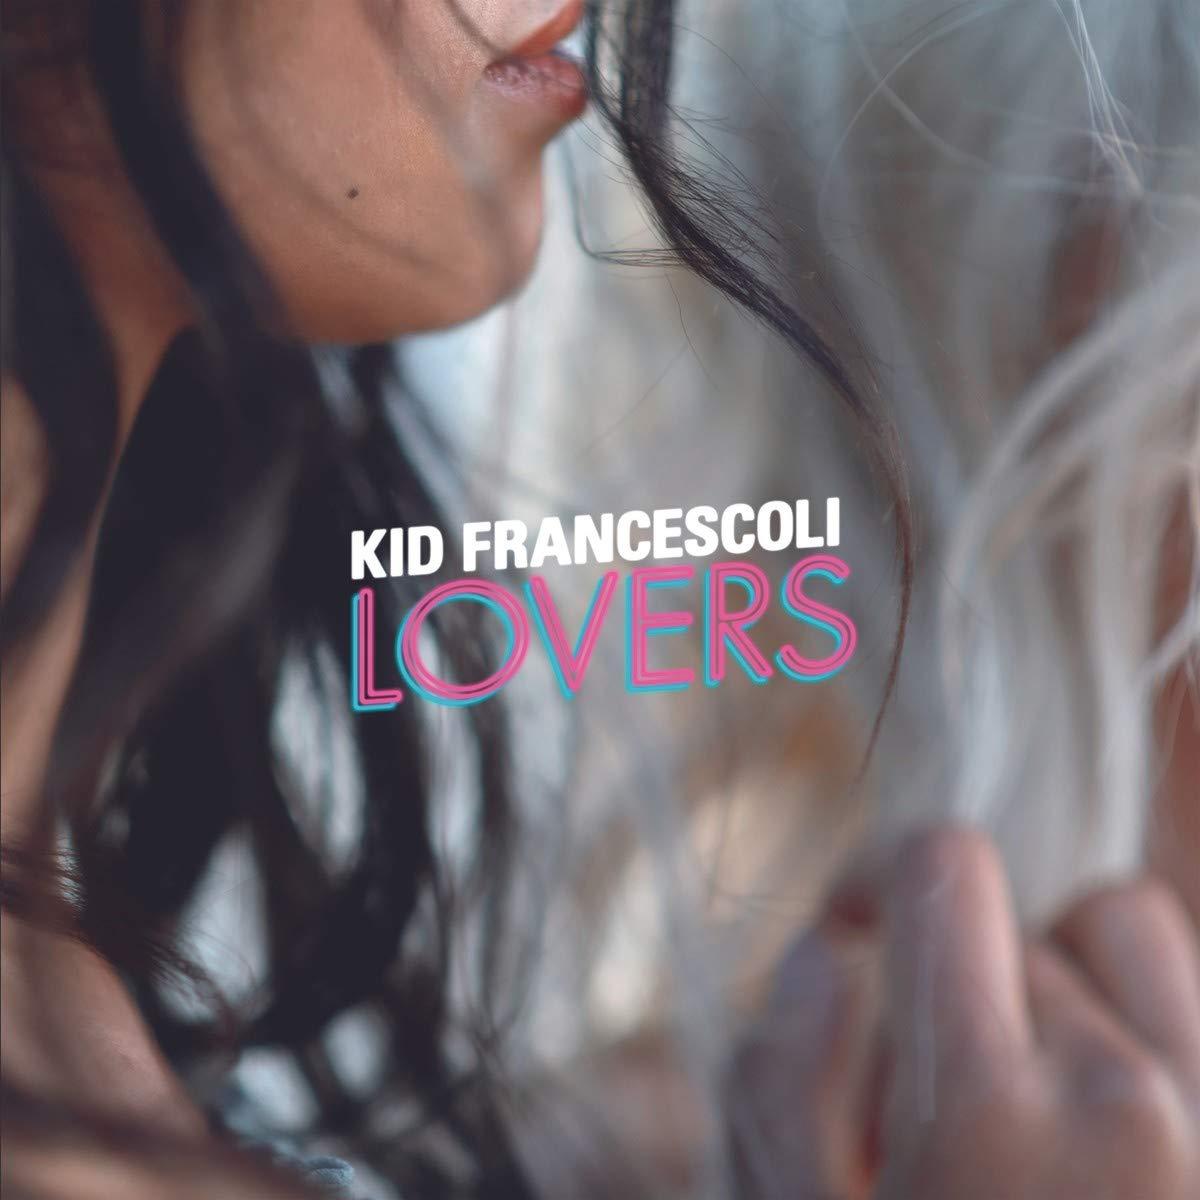 """Résultat de recherche d'images pour """"kid francescoli lovers"""""""